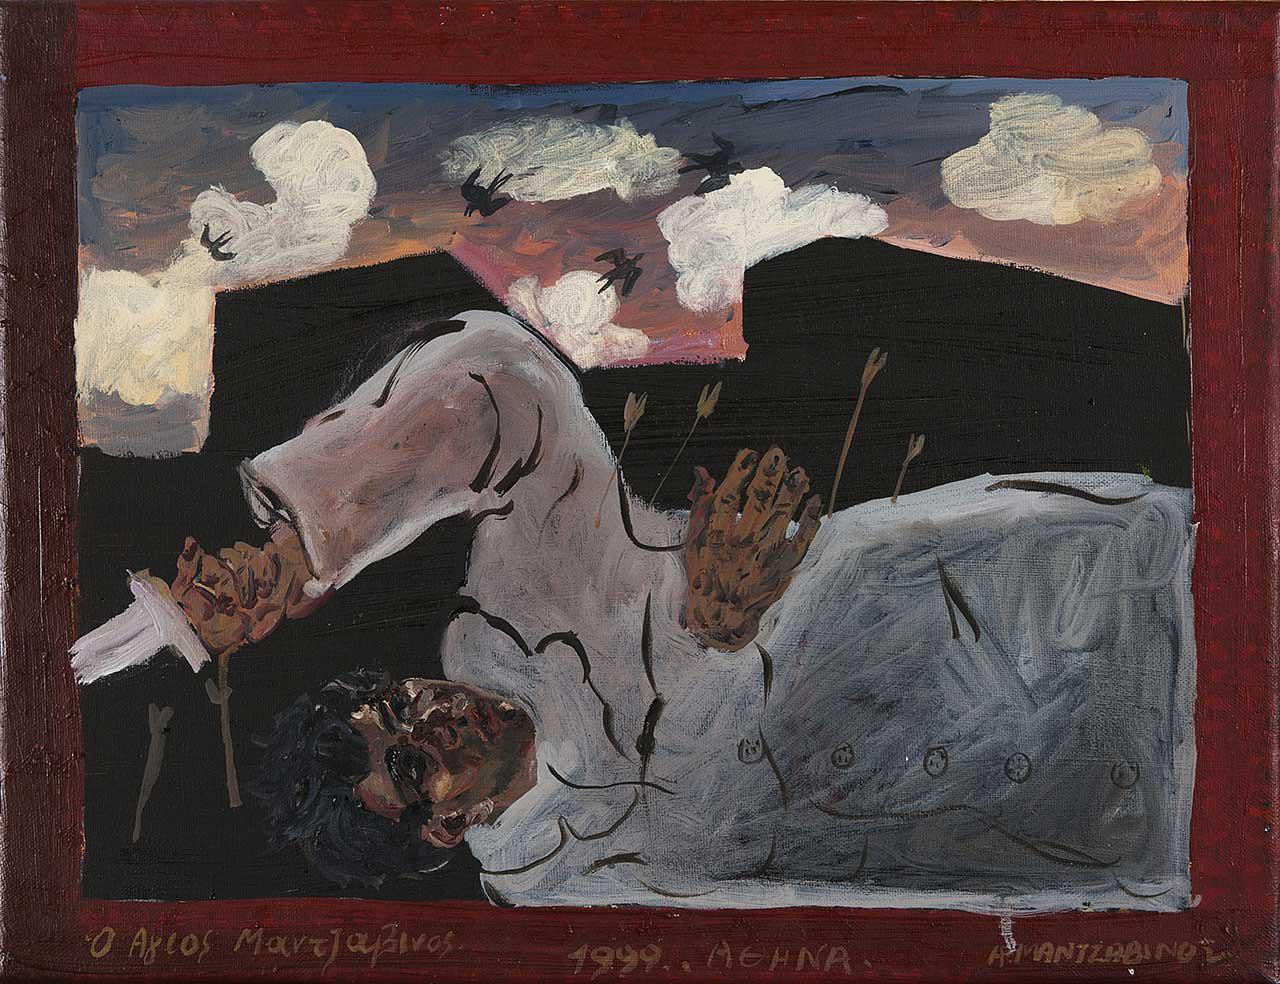 Άγιος Μαντζαβίνος, 1999, λάδι σε καμβά, 35x45 εκ.